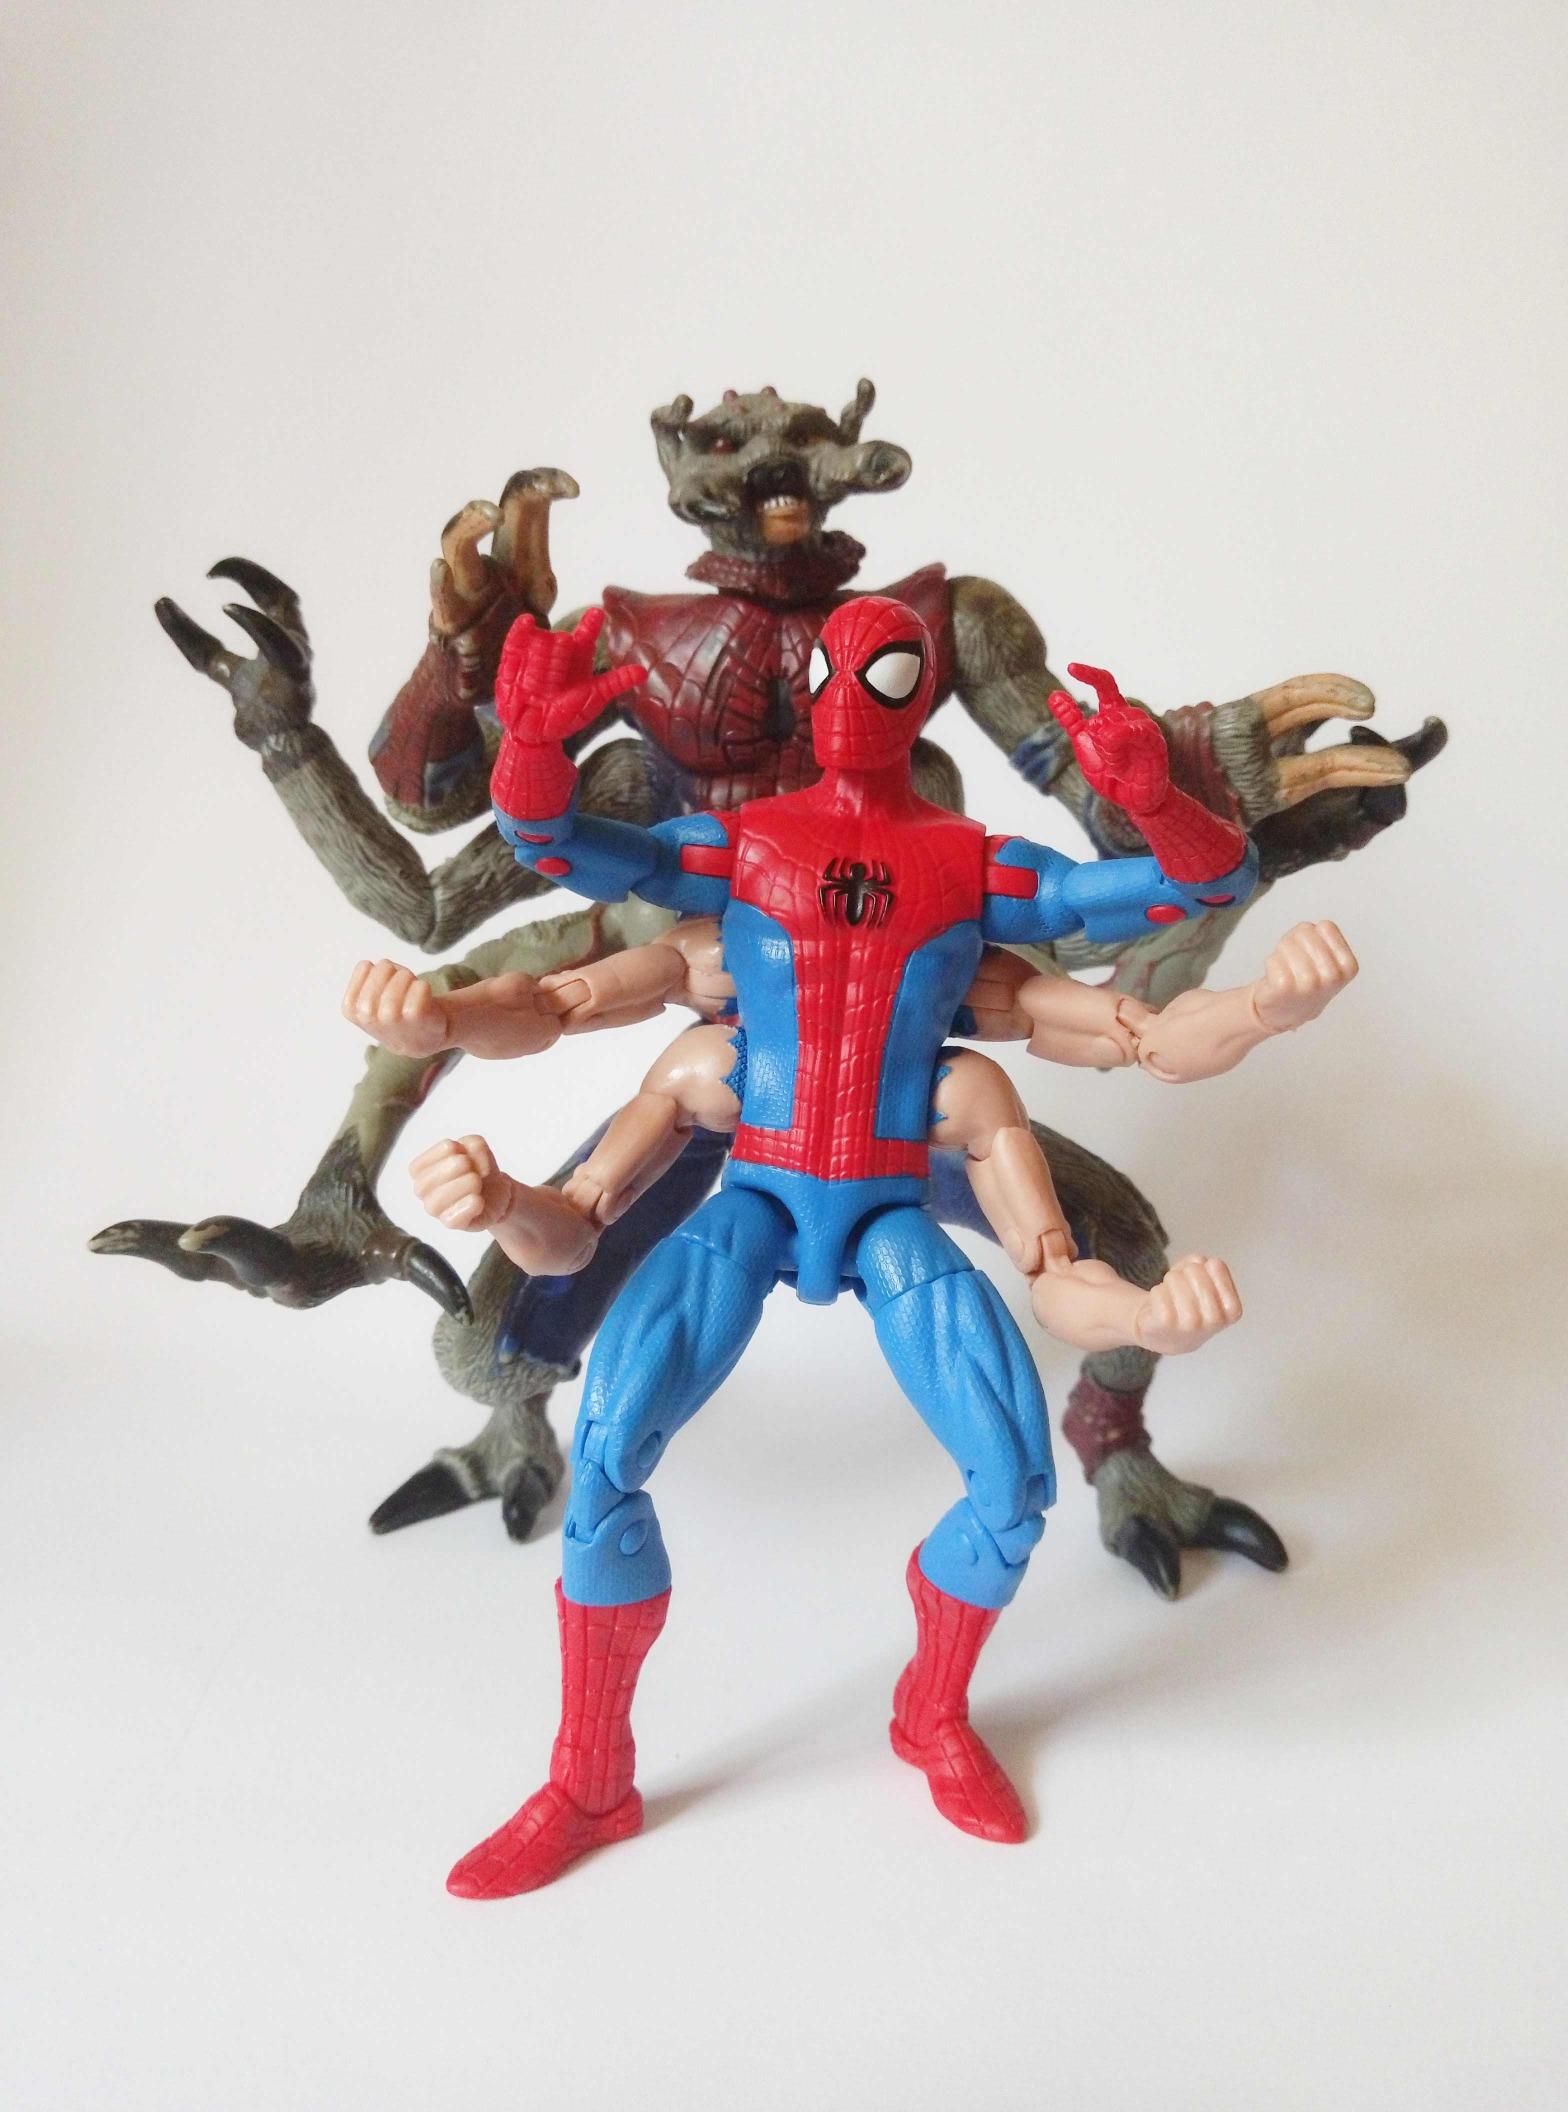 Marvel Legends Sixarms Spiderman vs. Marvel Legends Man-Spider